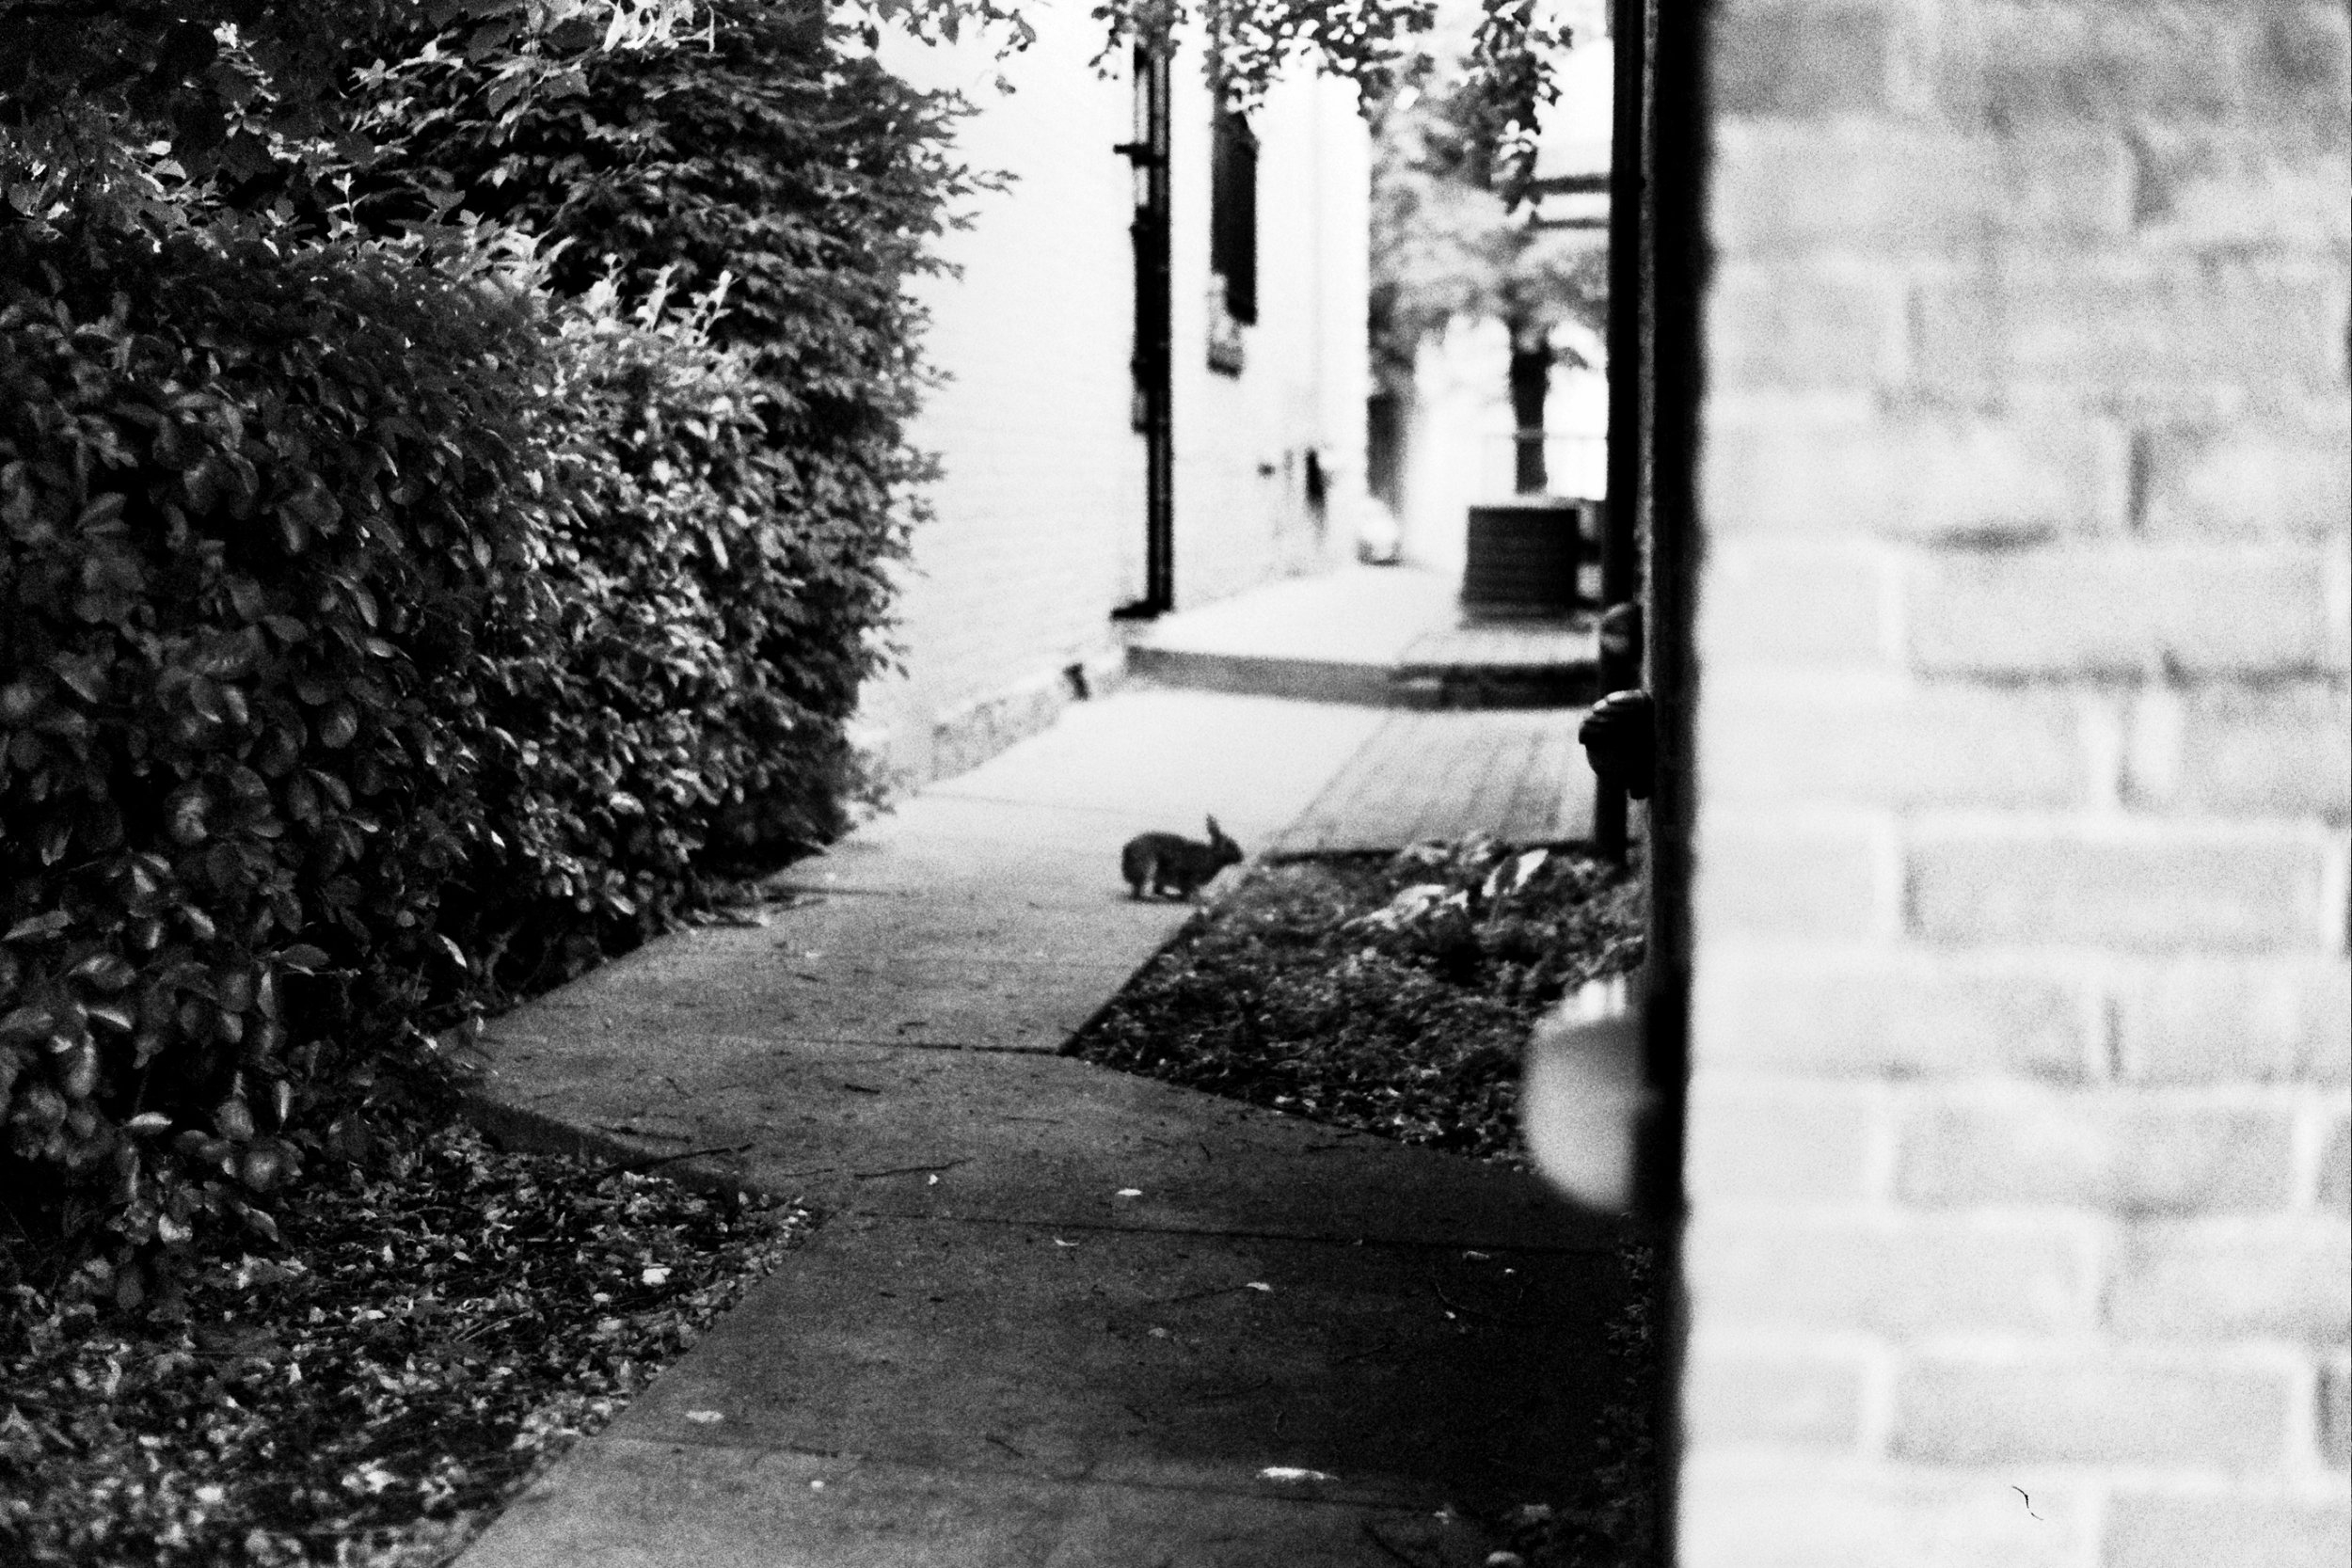 Alley Bun